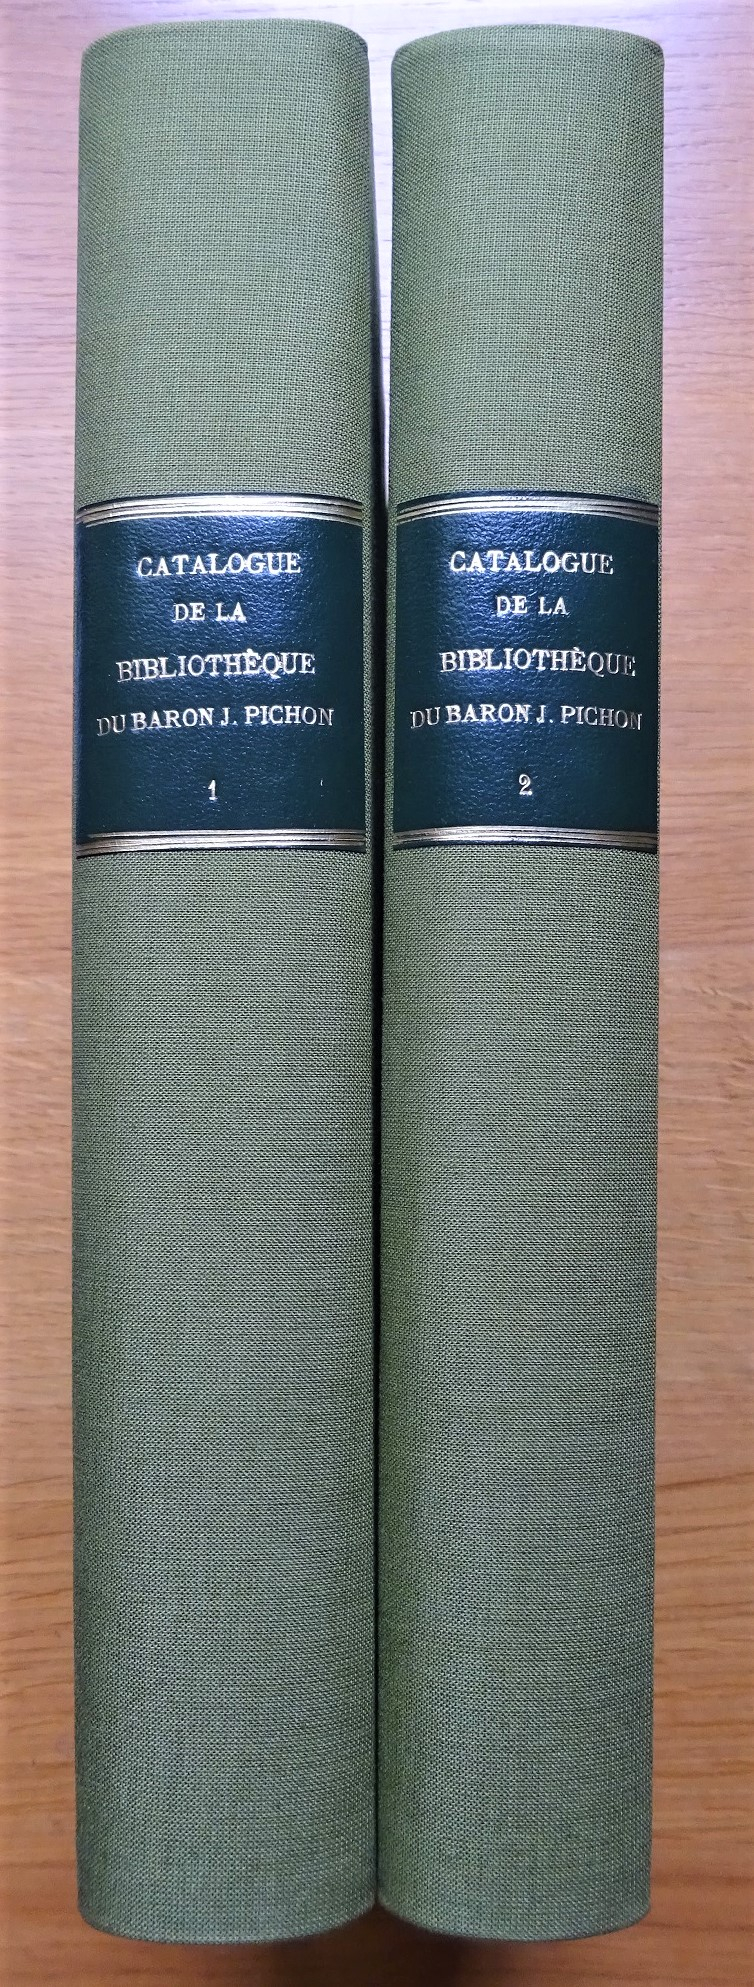 Catalogues de la bibliothèque du baron Jérôme Pichon